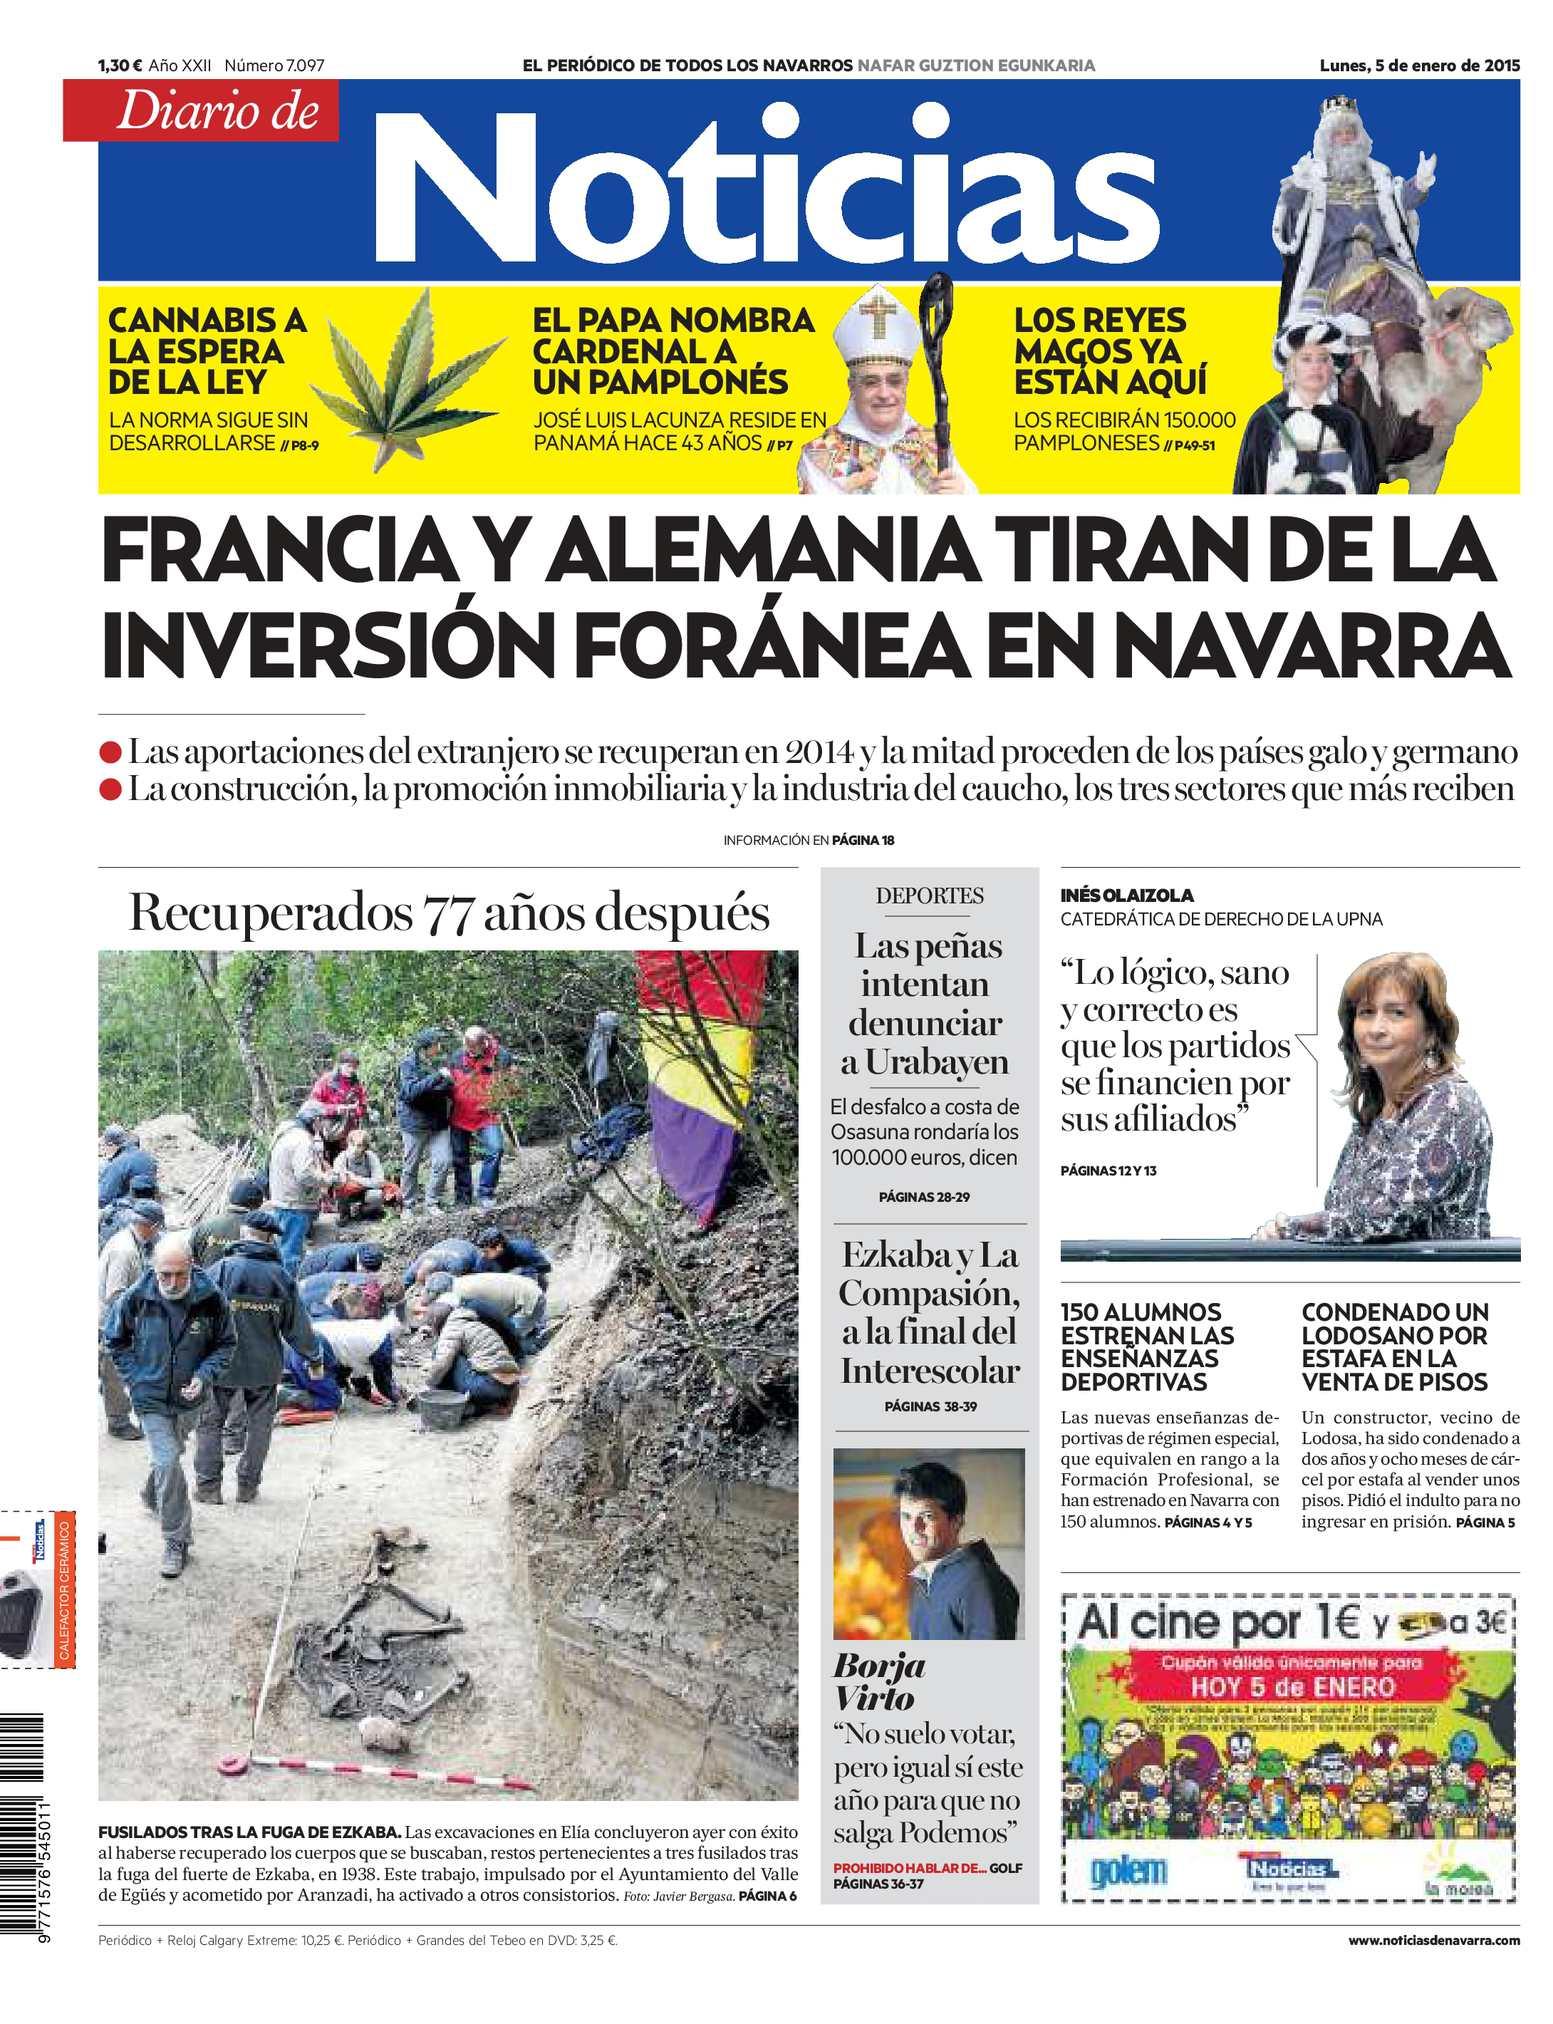 Calaméo - Diario de Noticias 20150105